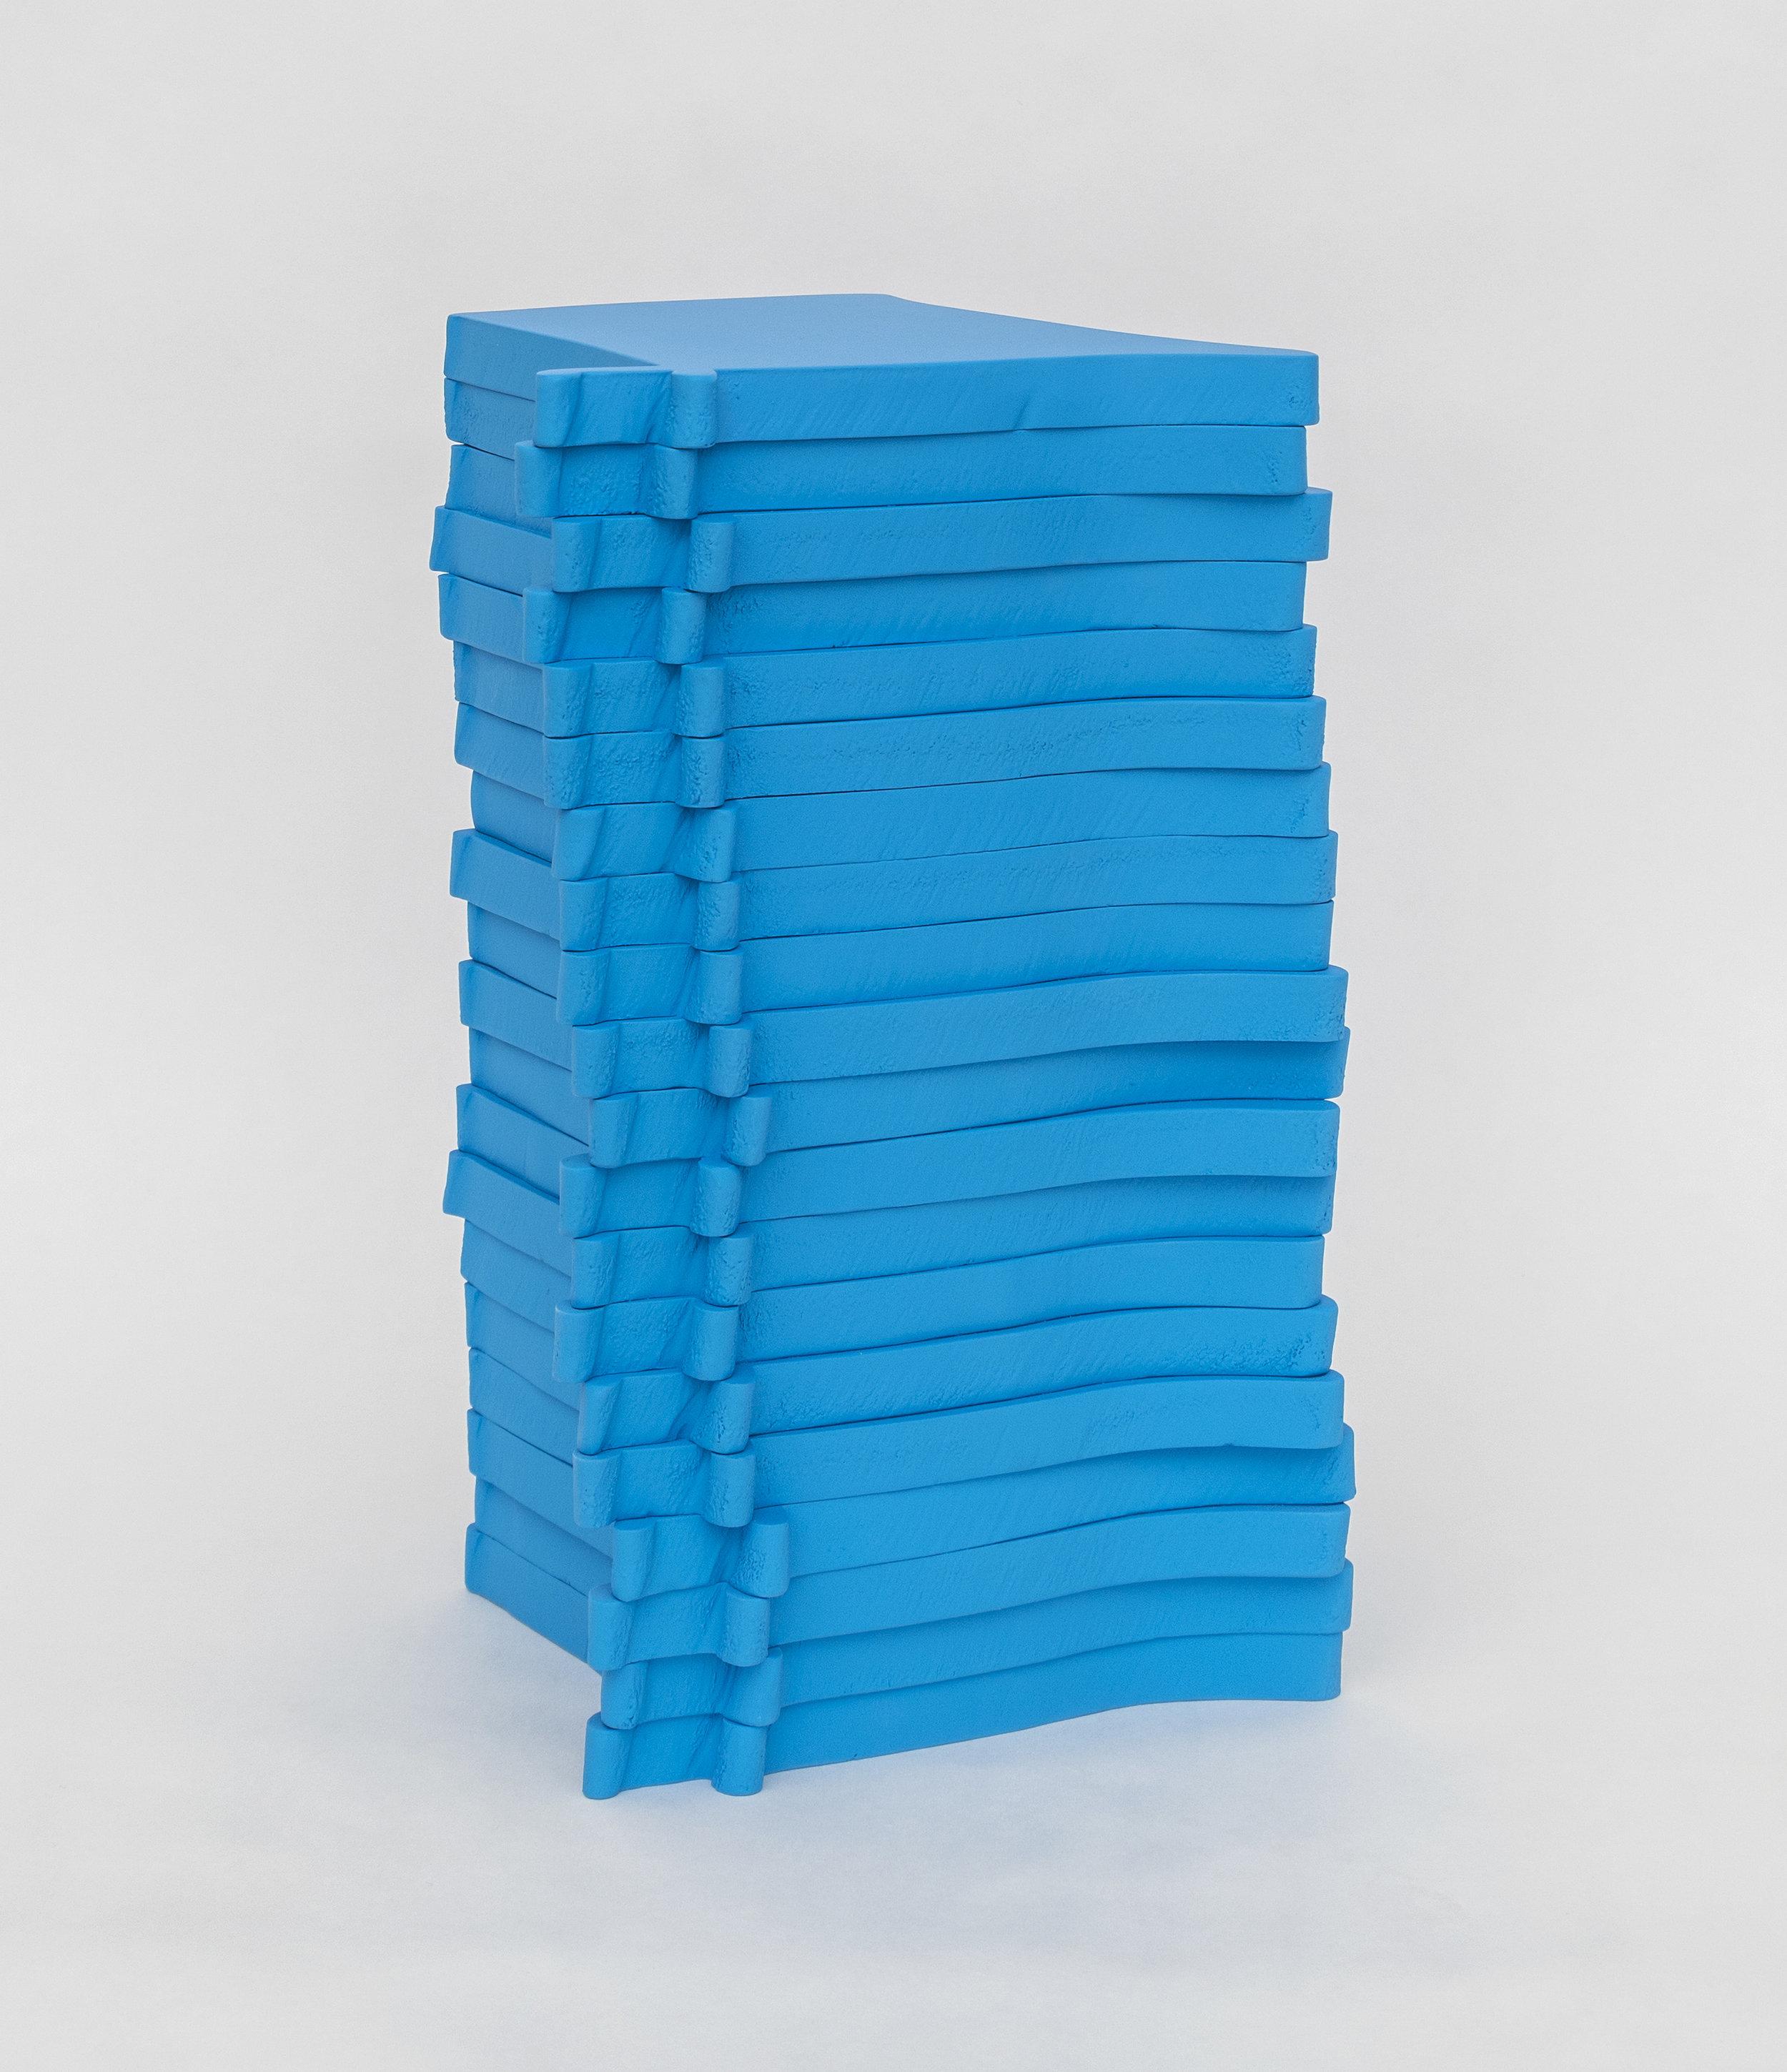 John-Corbett-Artist-Blue-Stack-Art-1.jpg